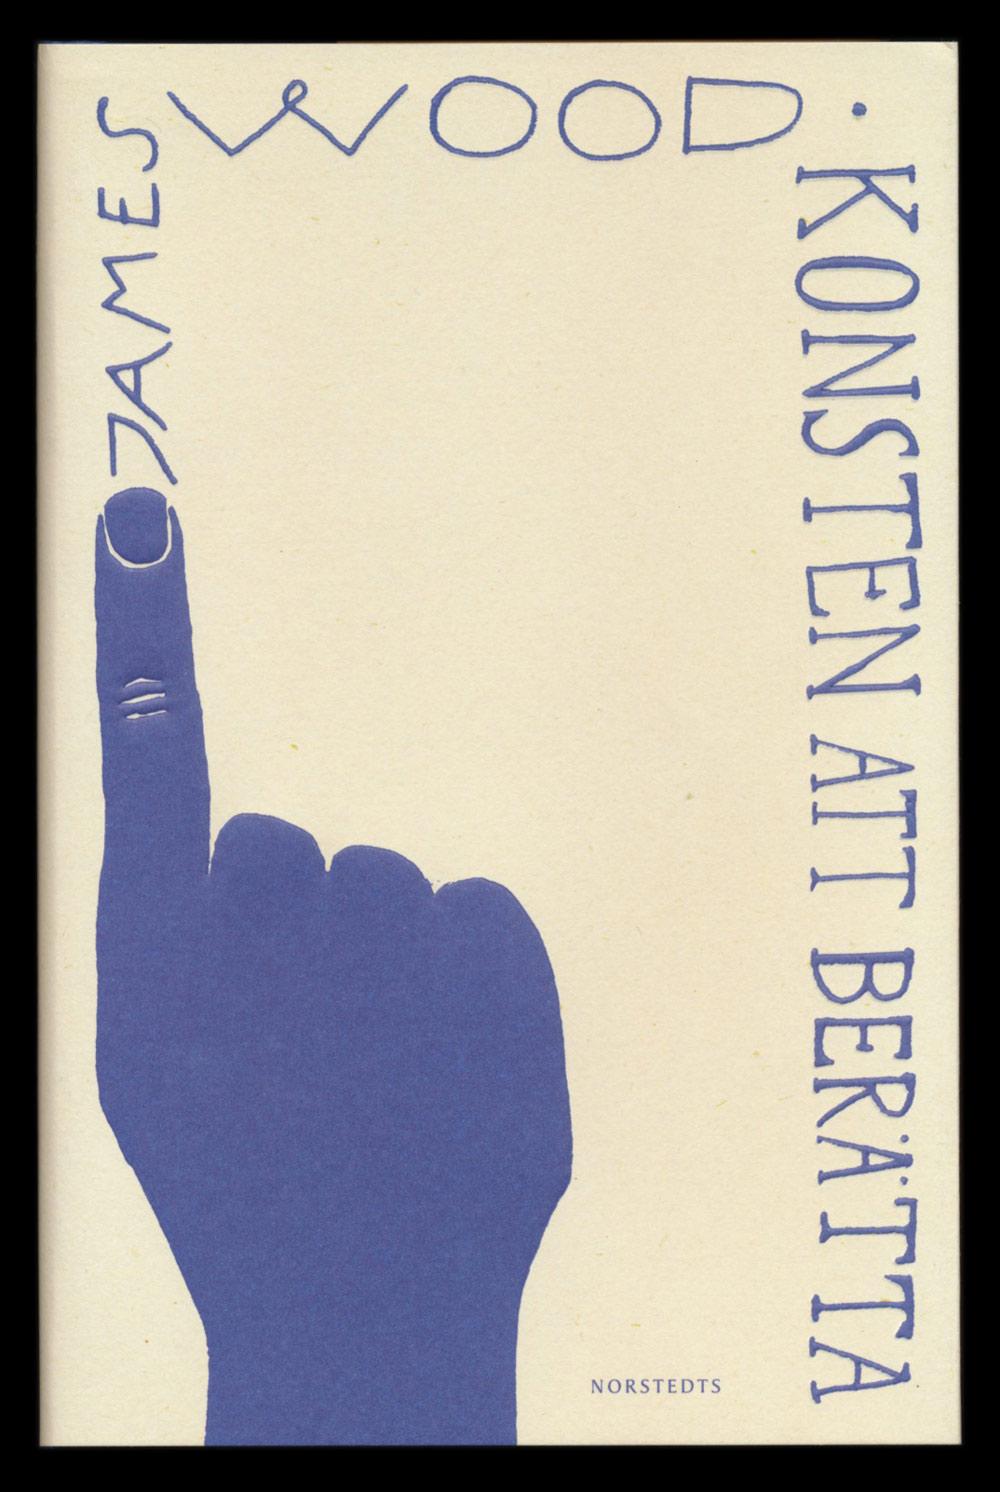 Konsten att berätta skriven av James Wood, omslag av Lukas Möllersten.